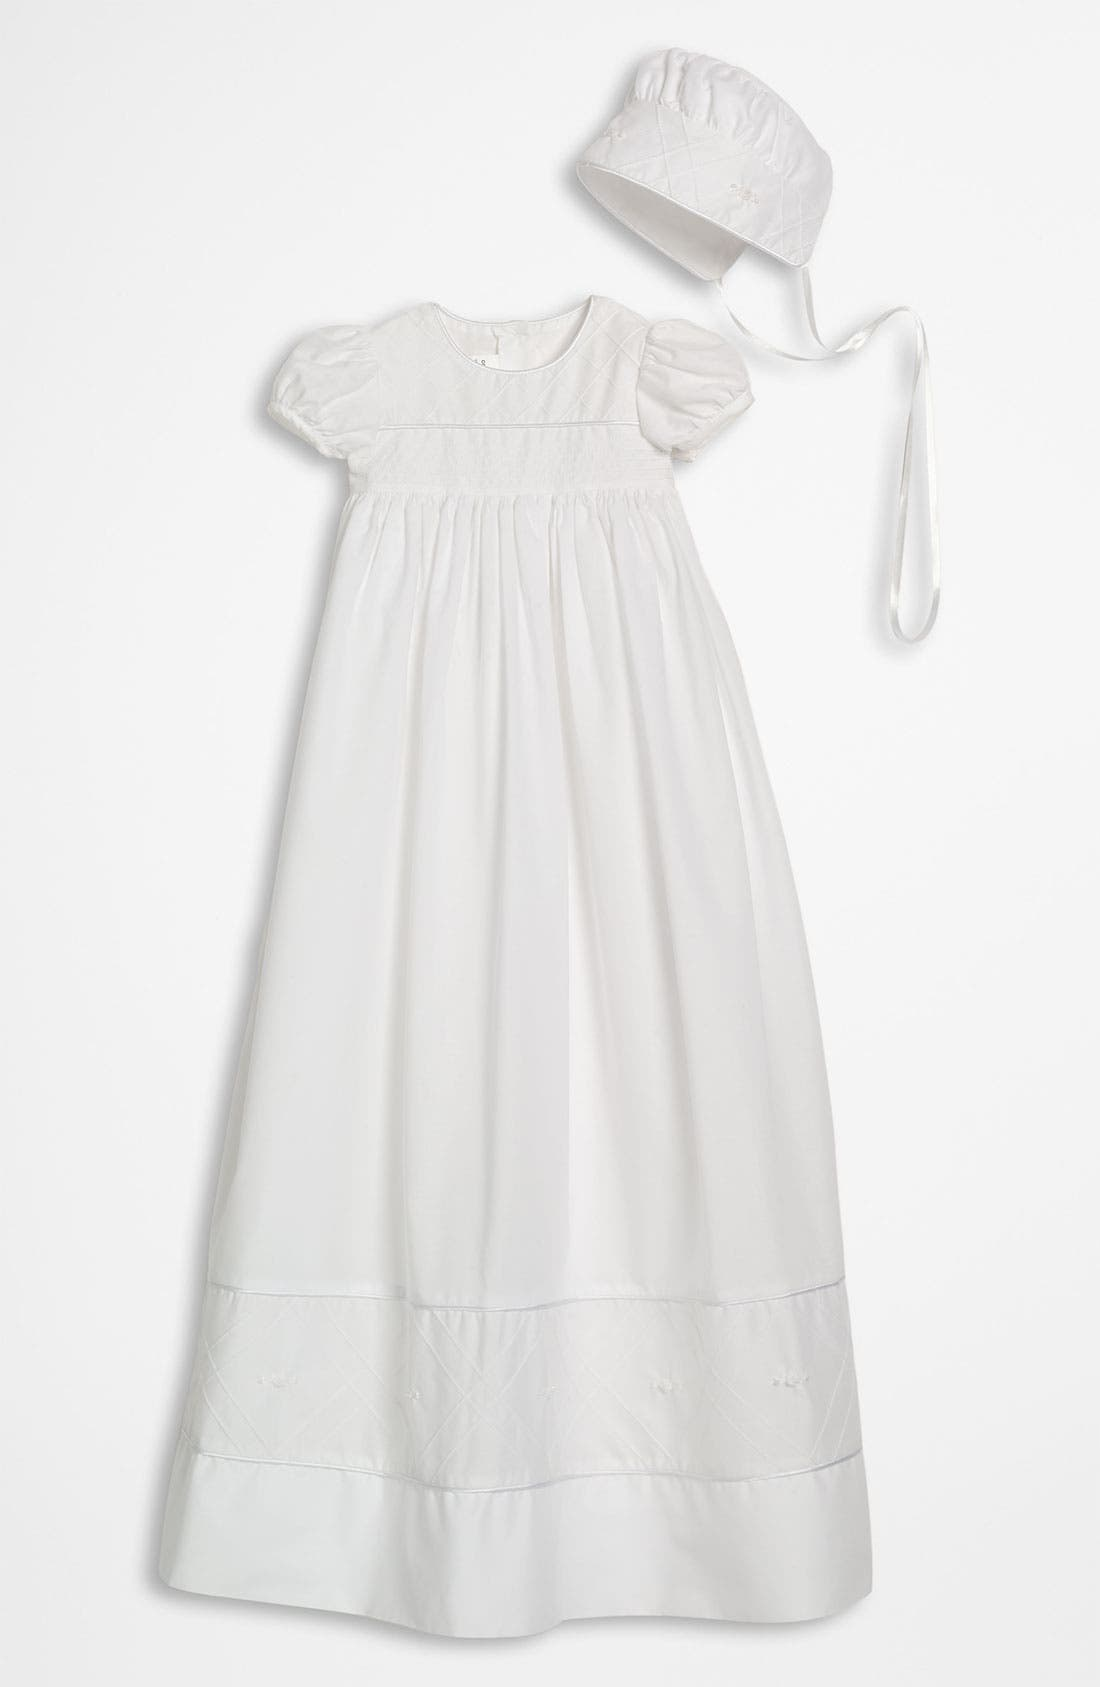 LITTLE THINGS MEAN A LOT Gown & Bonnet, Main, color, WHITE